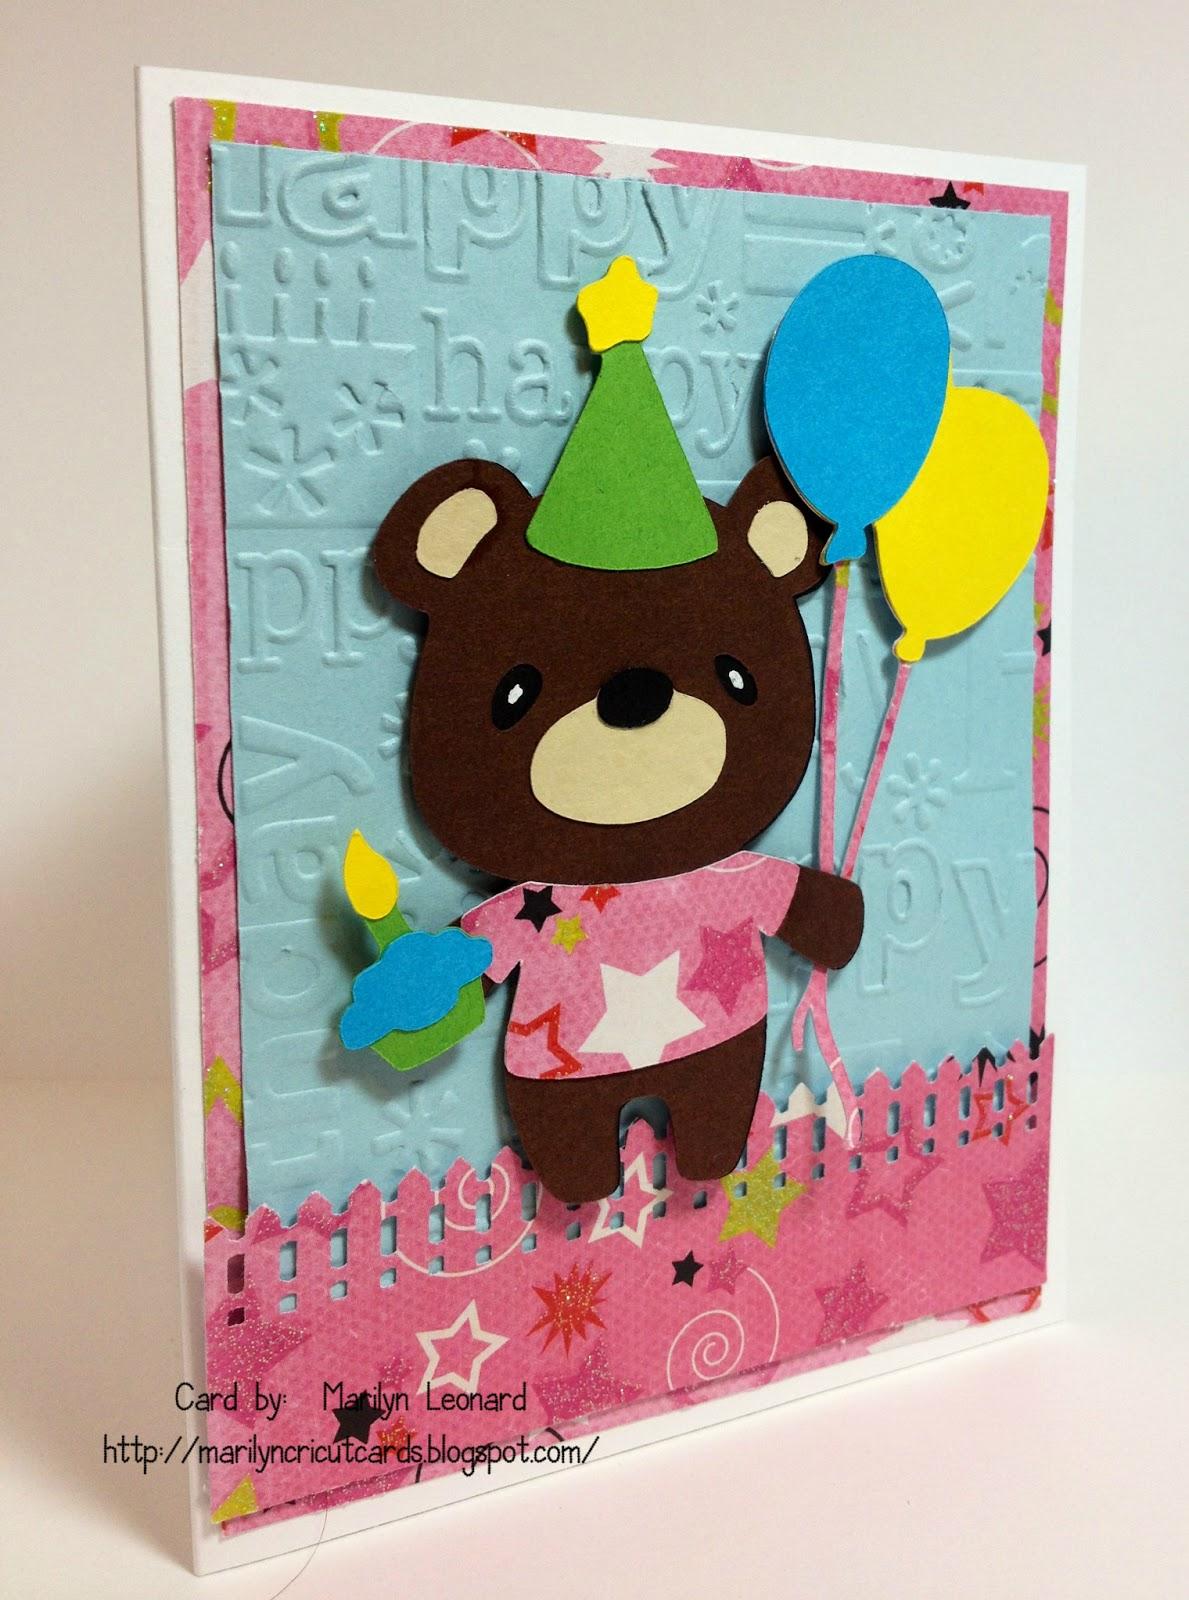 Marilyns Cricut Cards Teddy Bear Parade Birthday